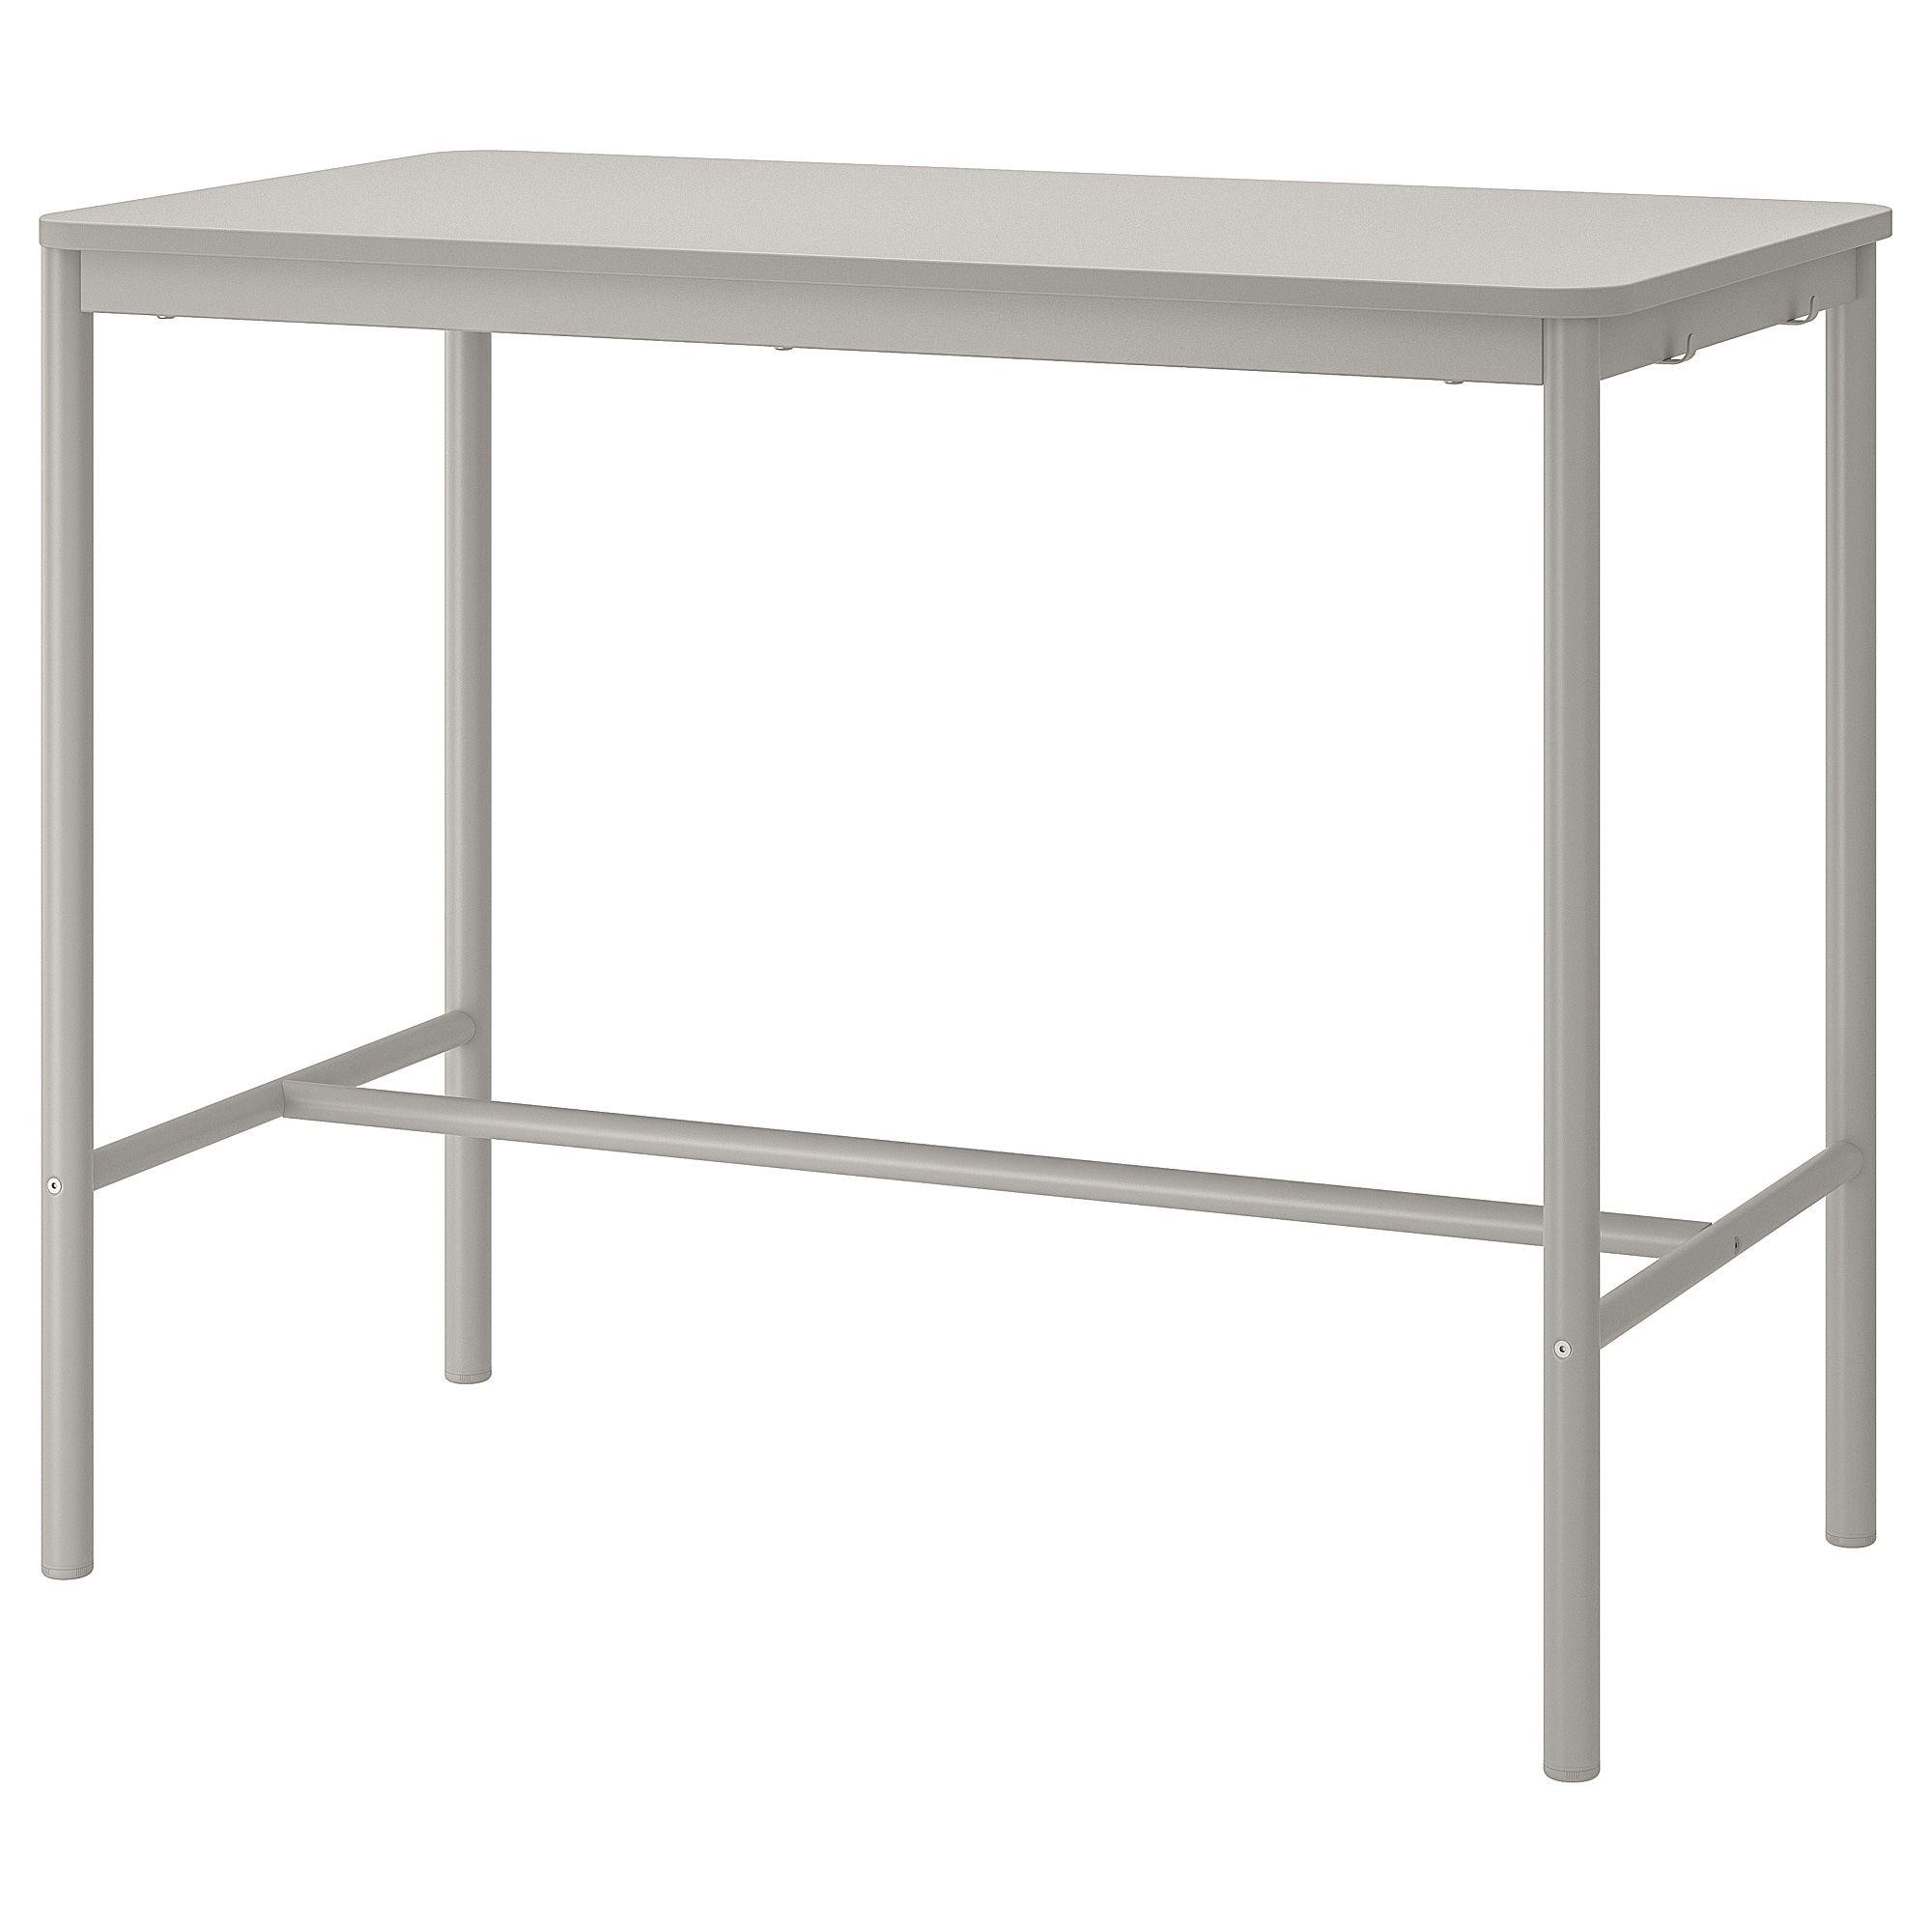 Tommaryd Tisch Hellgrau Mehr Erfahren Ikea Osterreich Drop Leaf Table Pub Furniture Ikea